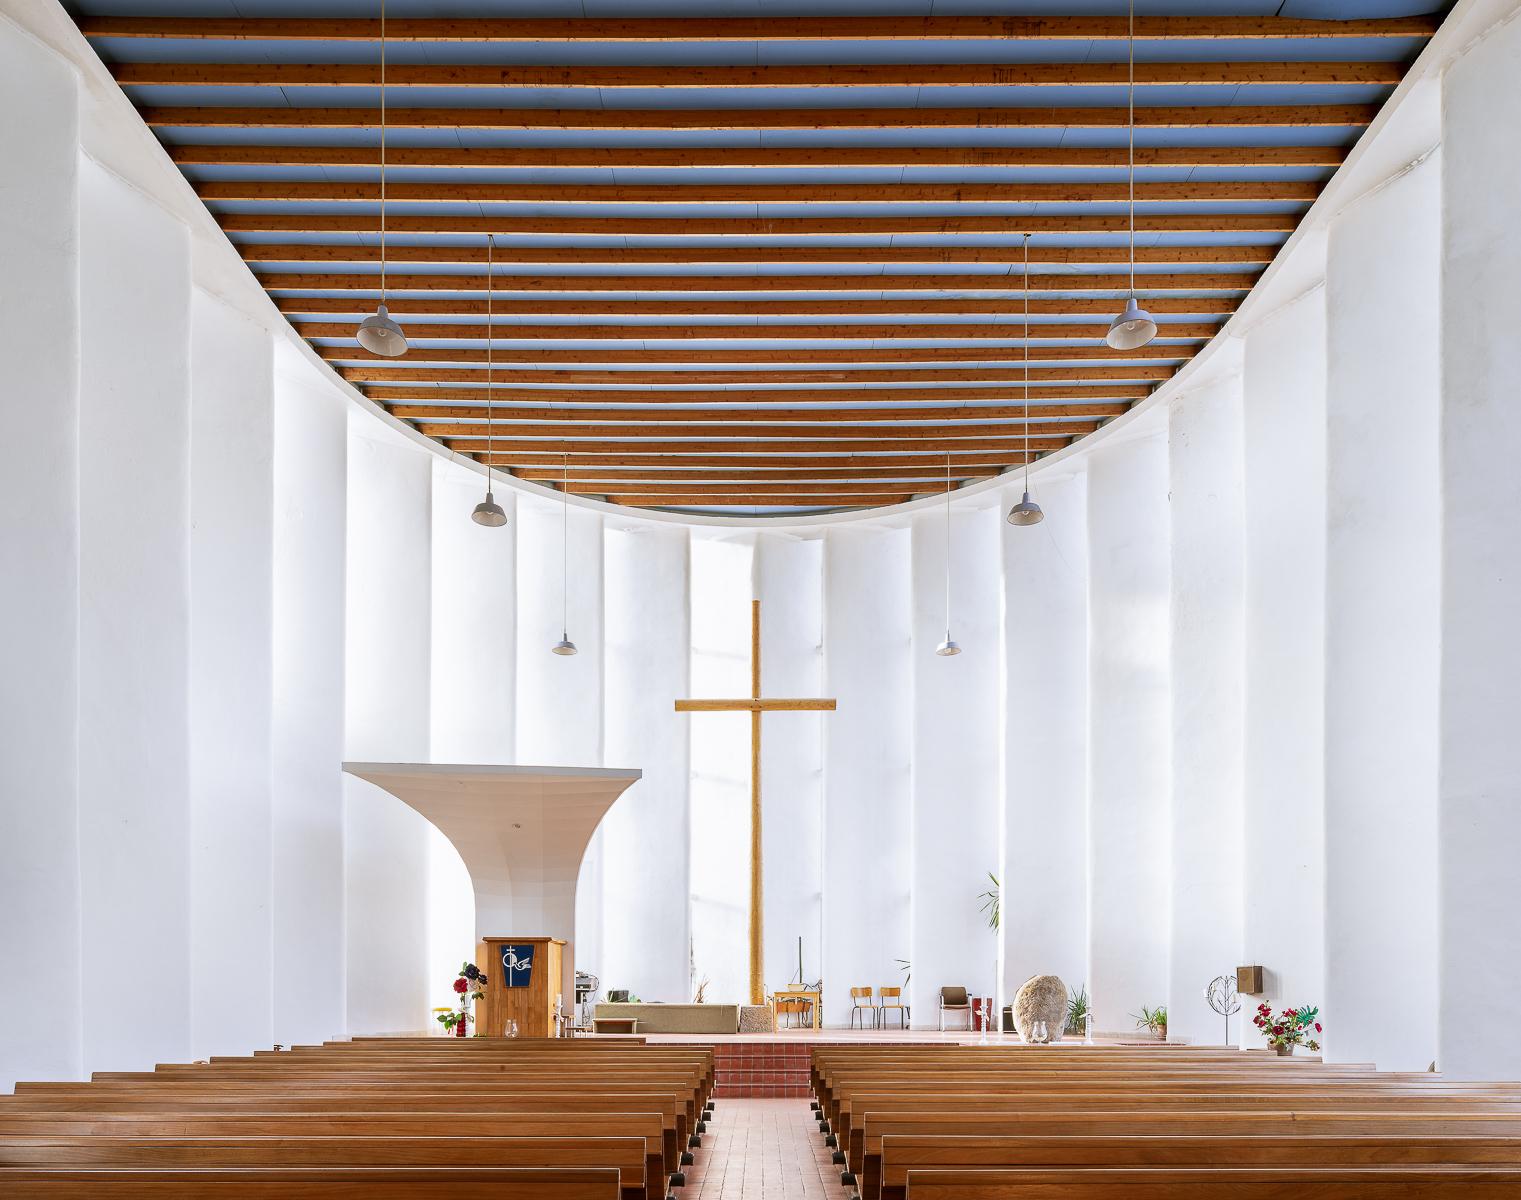 Opstandingskerk, Amsterdam (Marius Duintjer, 1956)